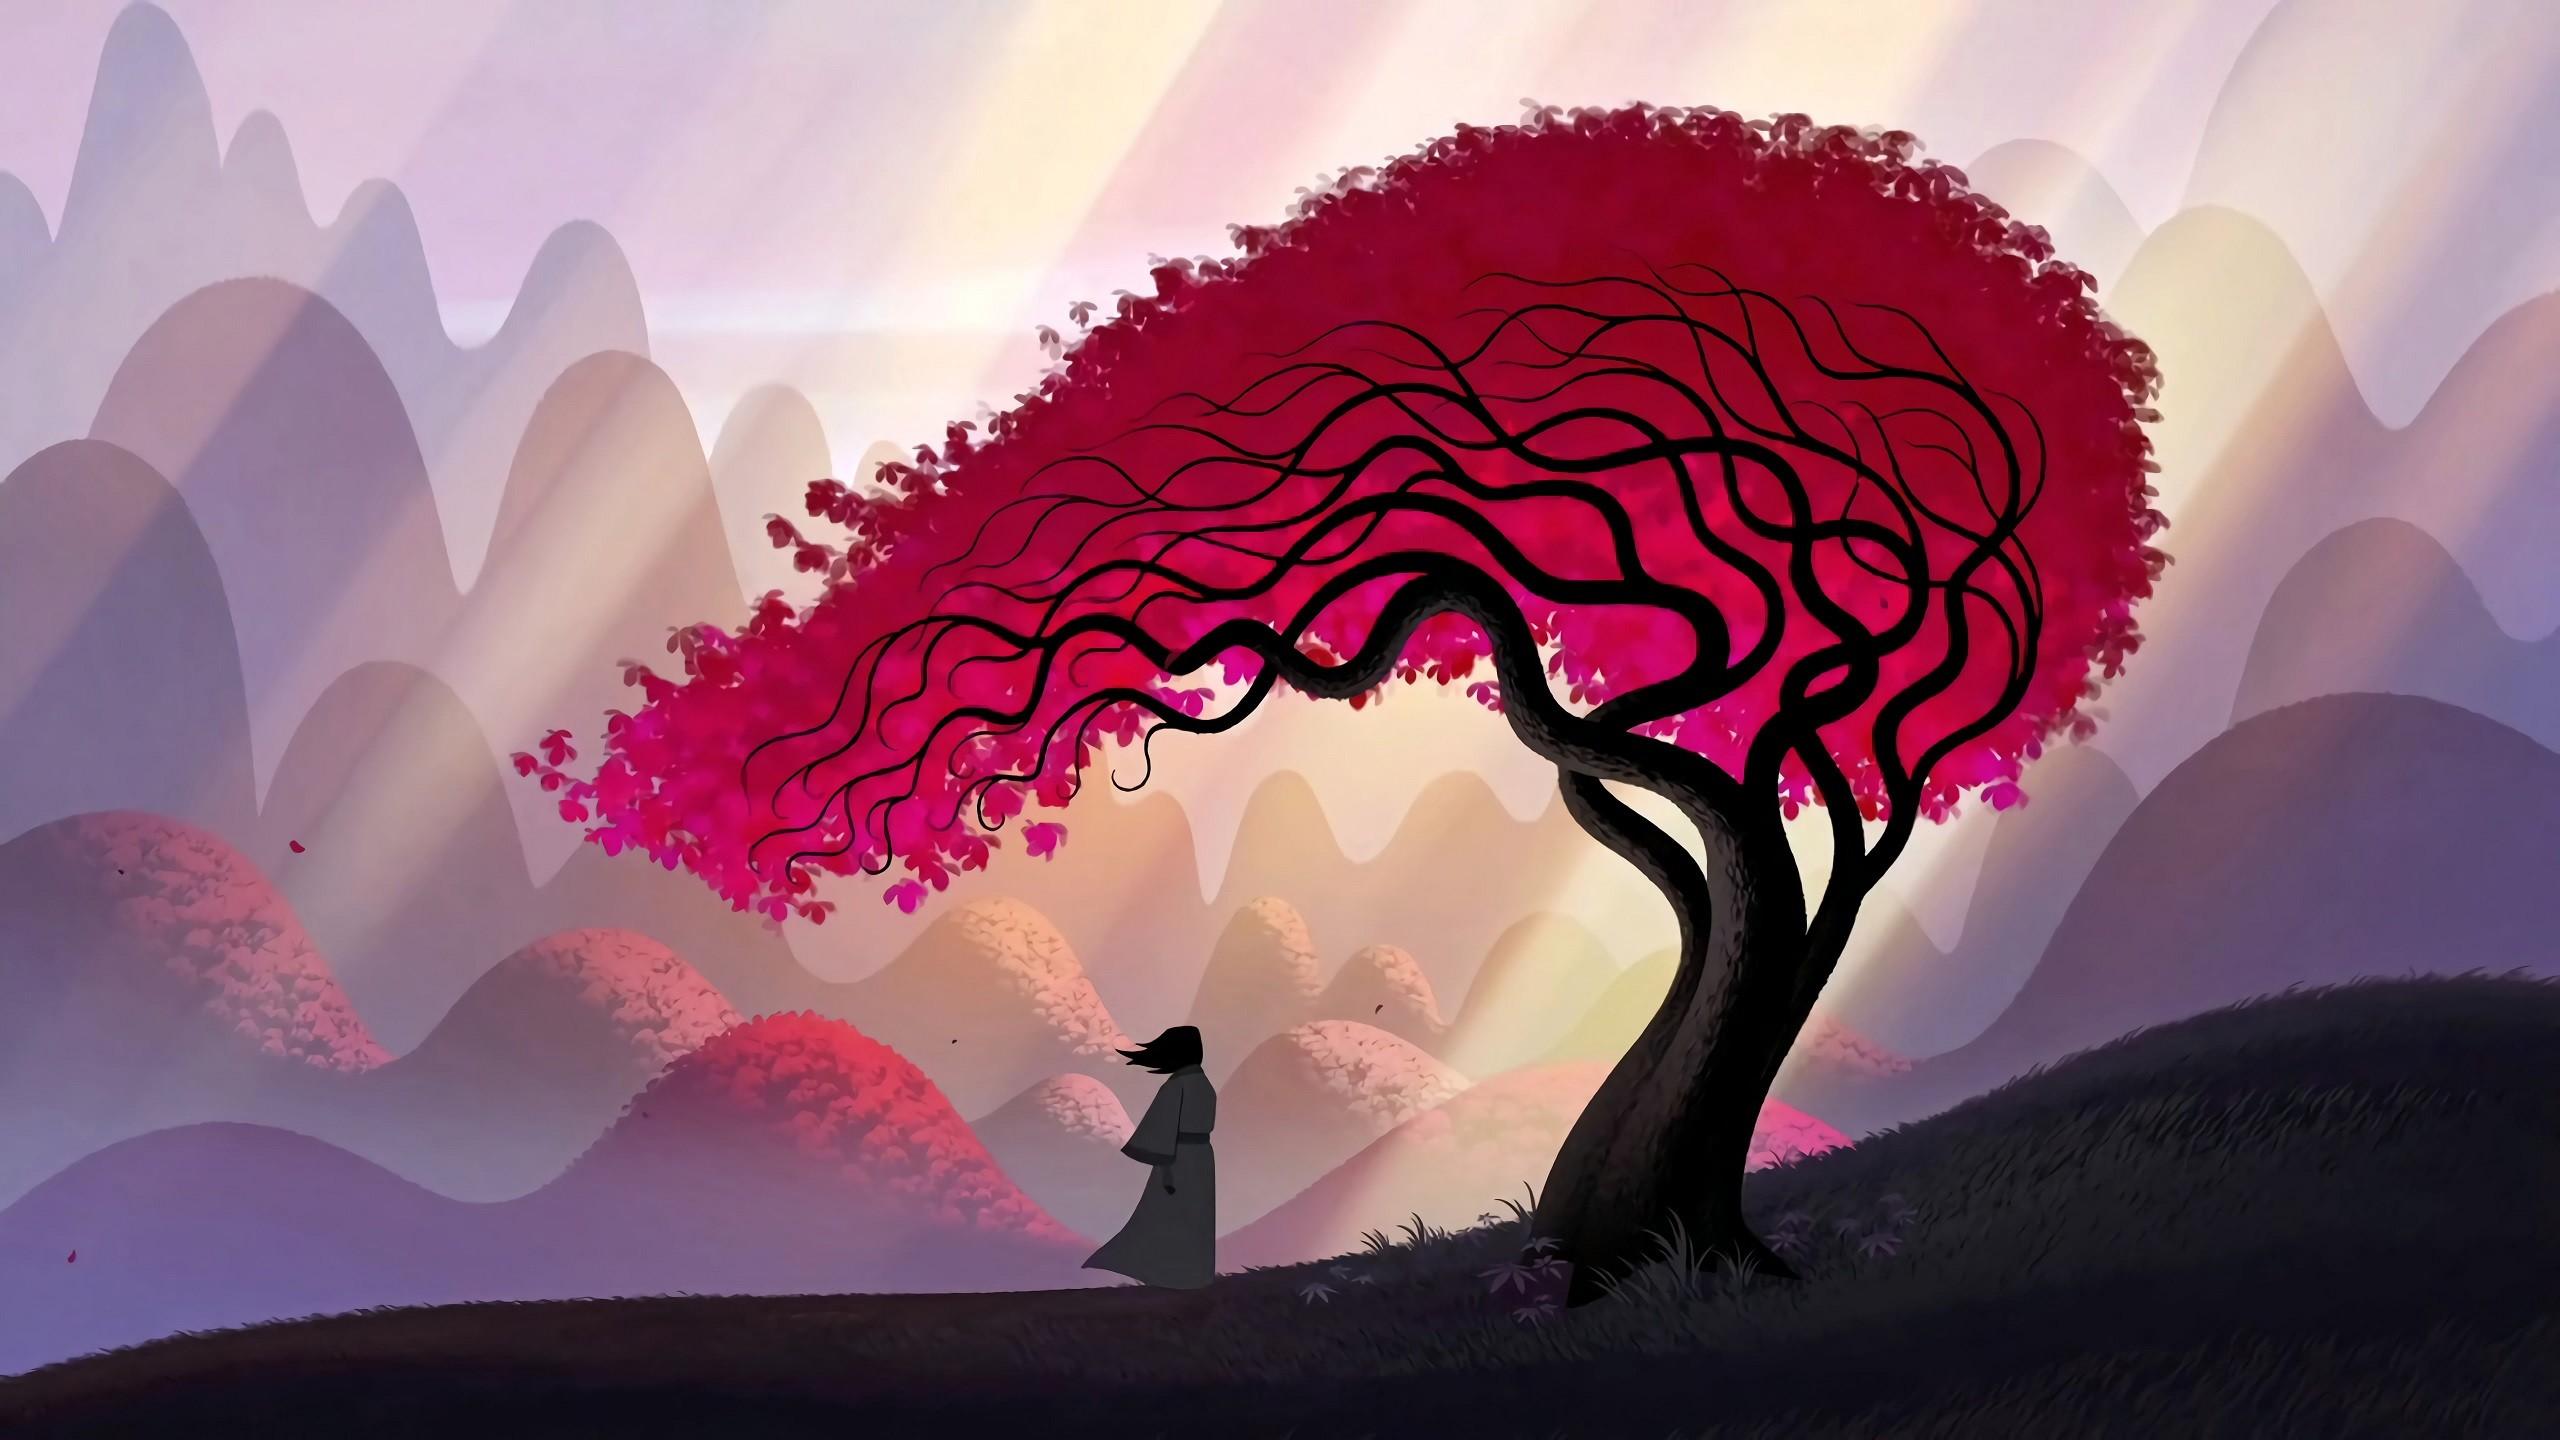 Res: 2560x1440, Fernsehserien - Samurai Jack Baum Wallpaper